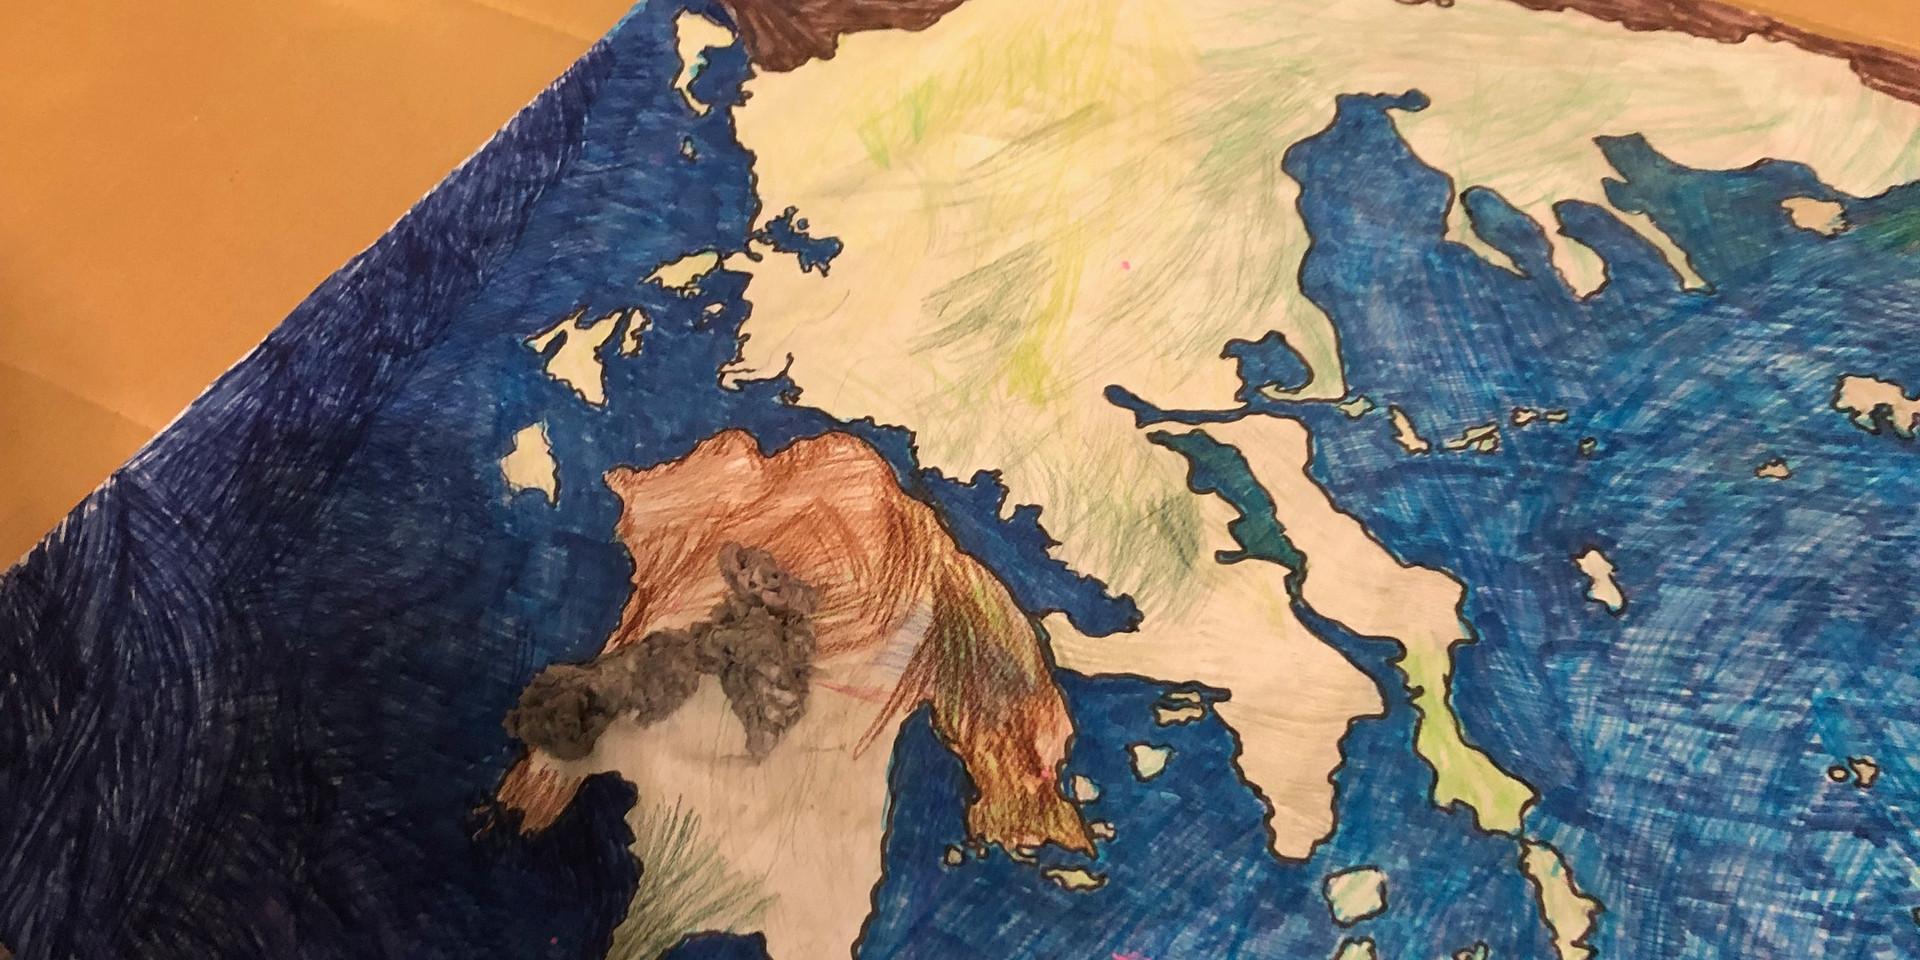 γεμίζουμε τον χάρτη με χαρτοπολτό